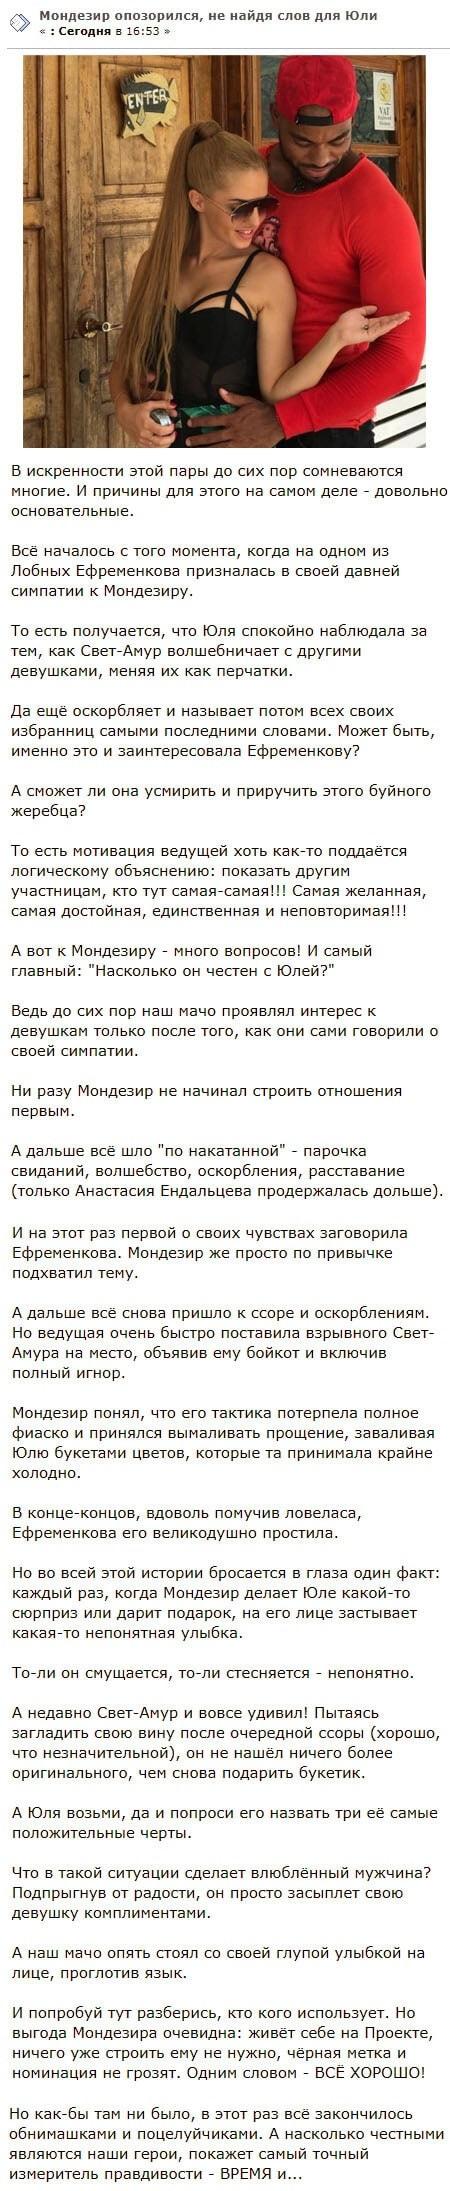 Мондезир Свет-Амур опозорил и себя и Юлию Ефременкову